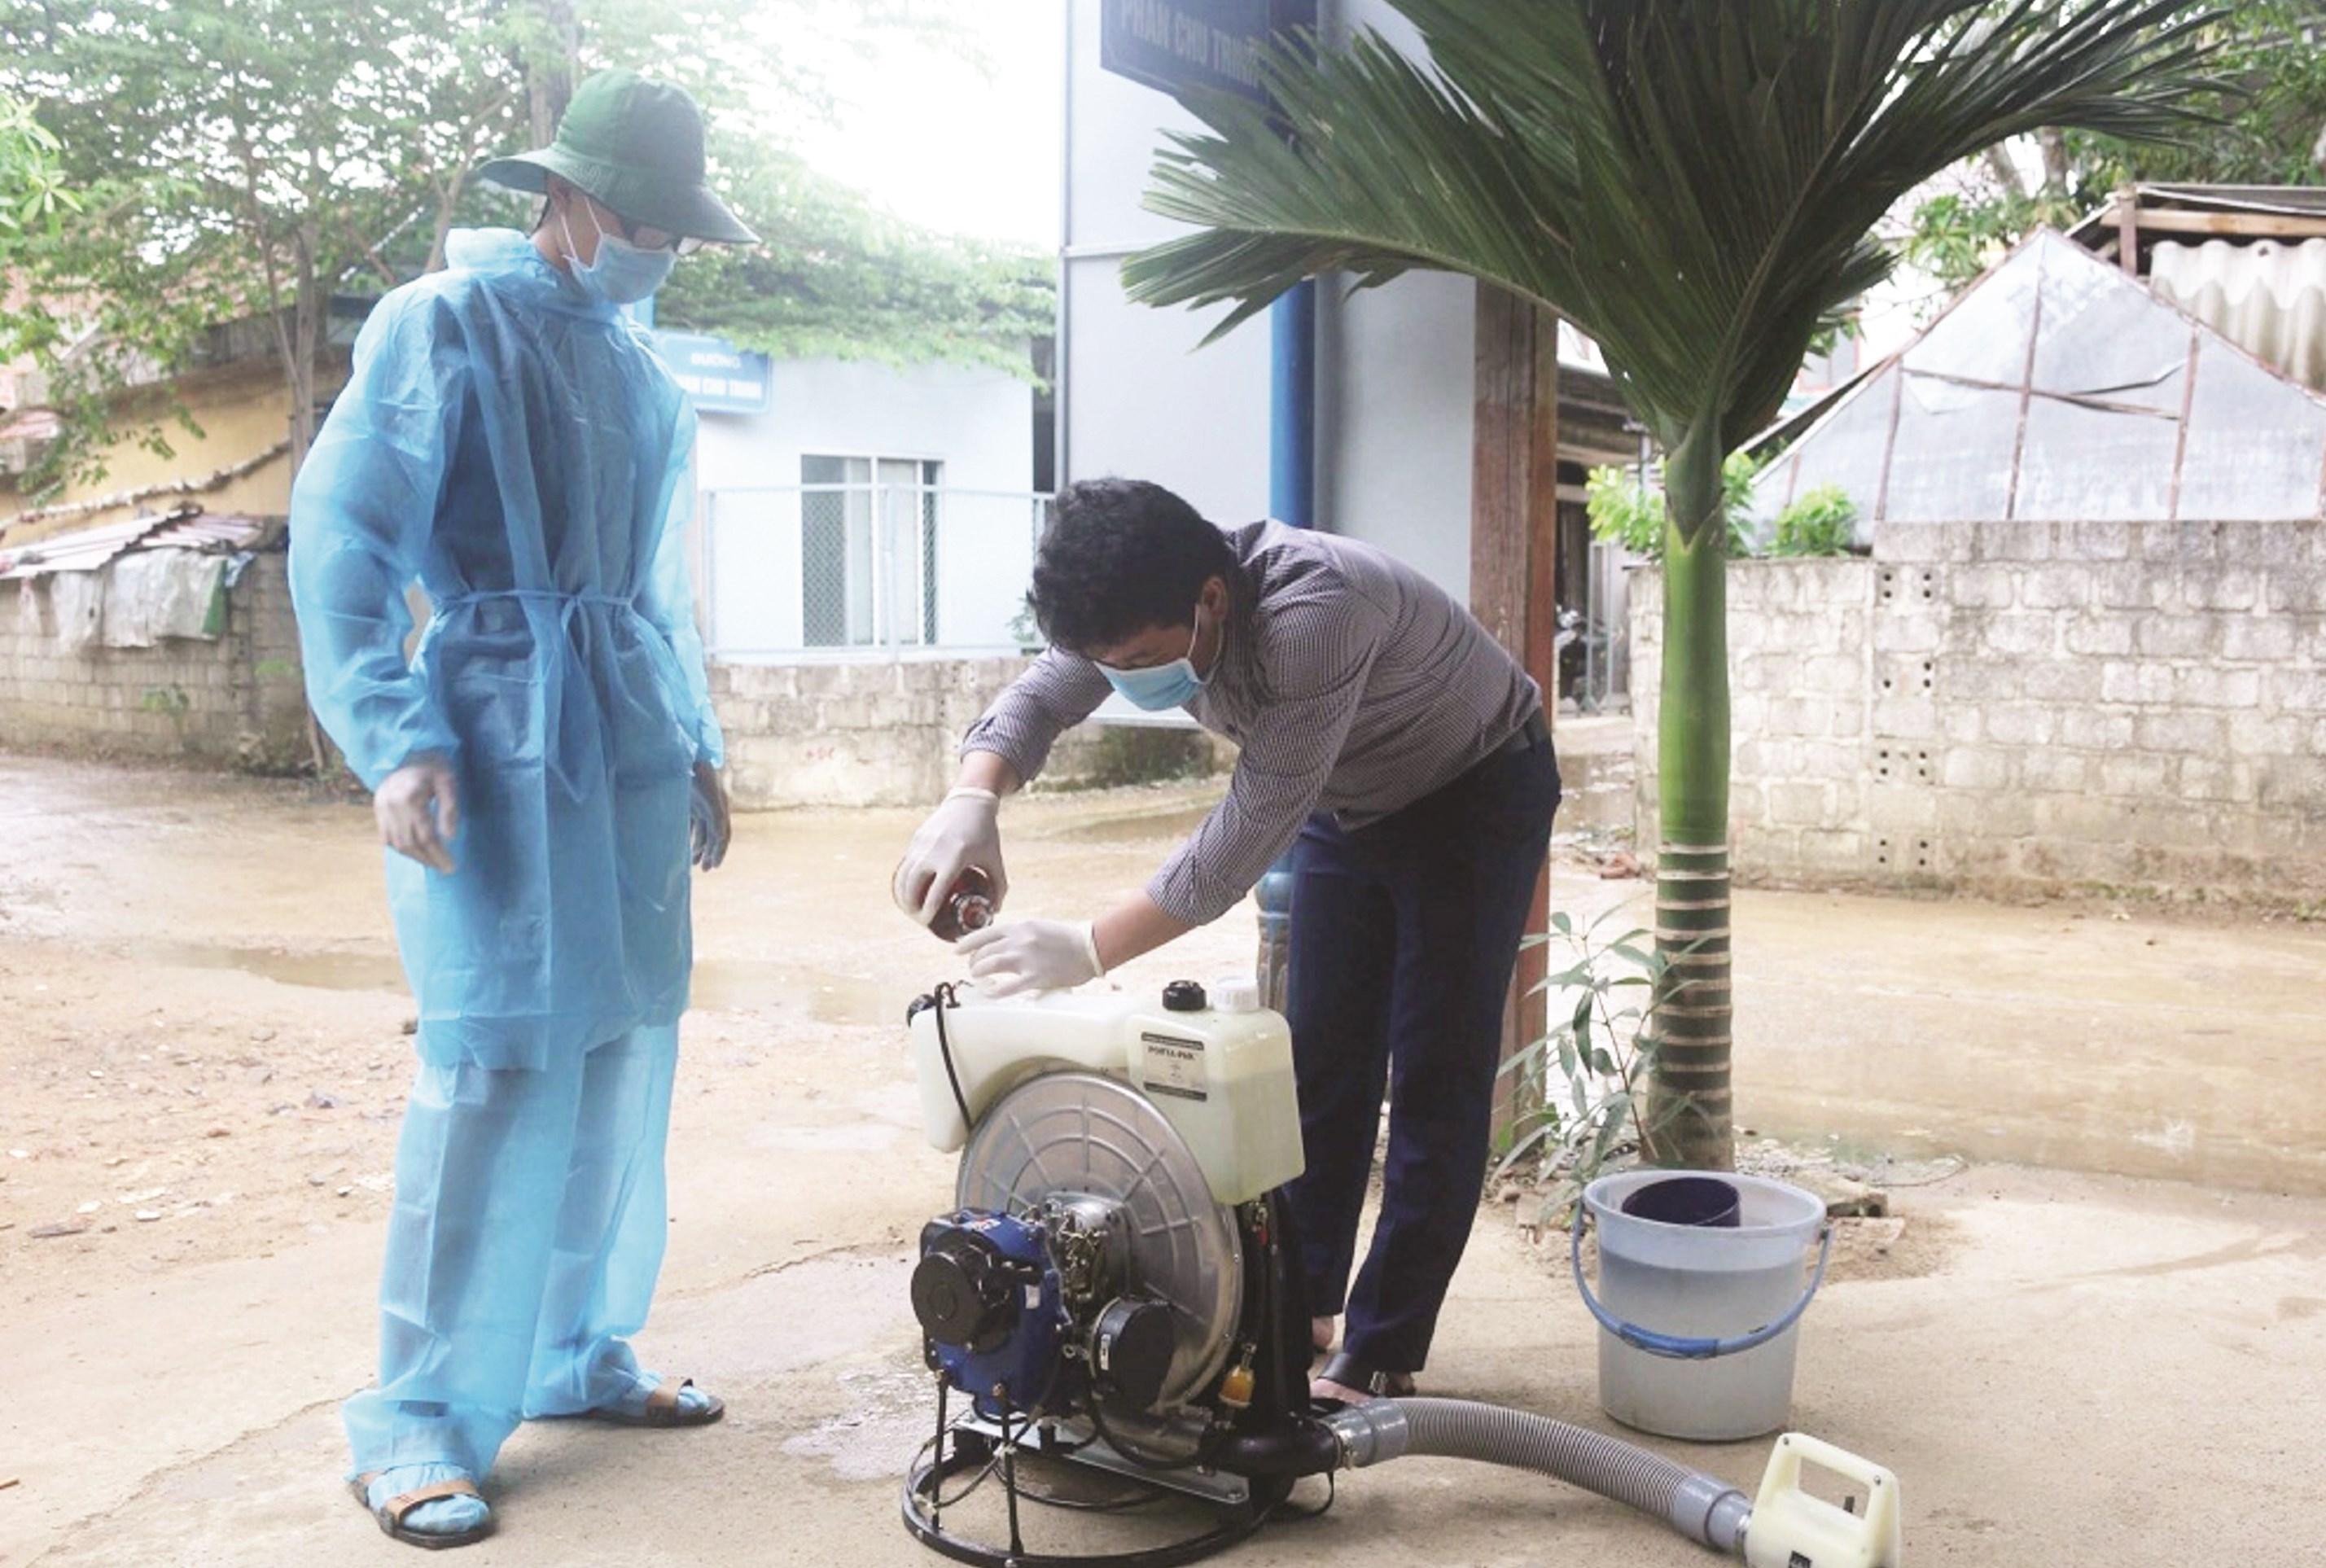 Sau lũ lụt, ngành Y tế Quảng Bình triển khai các chiến dịch diệt lăng quăng, bọ gậy và phun hóa chất diệt muỗi